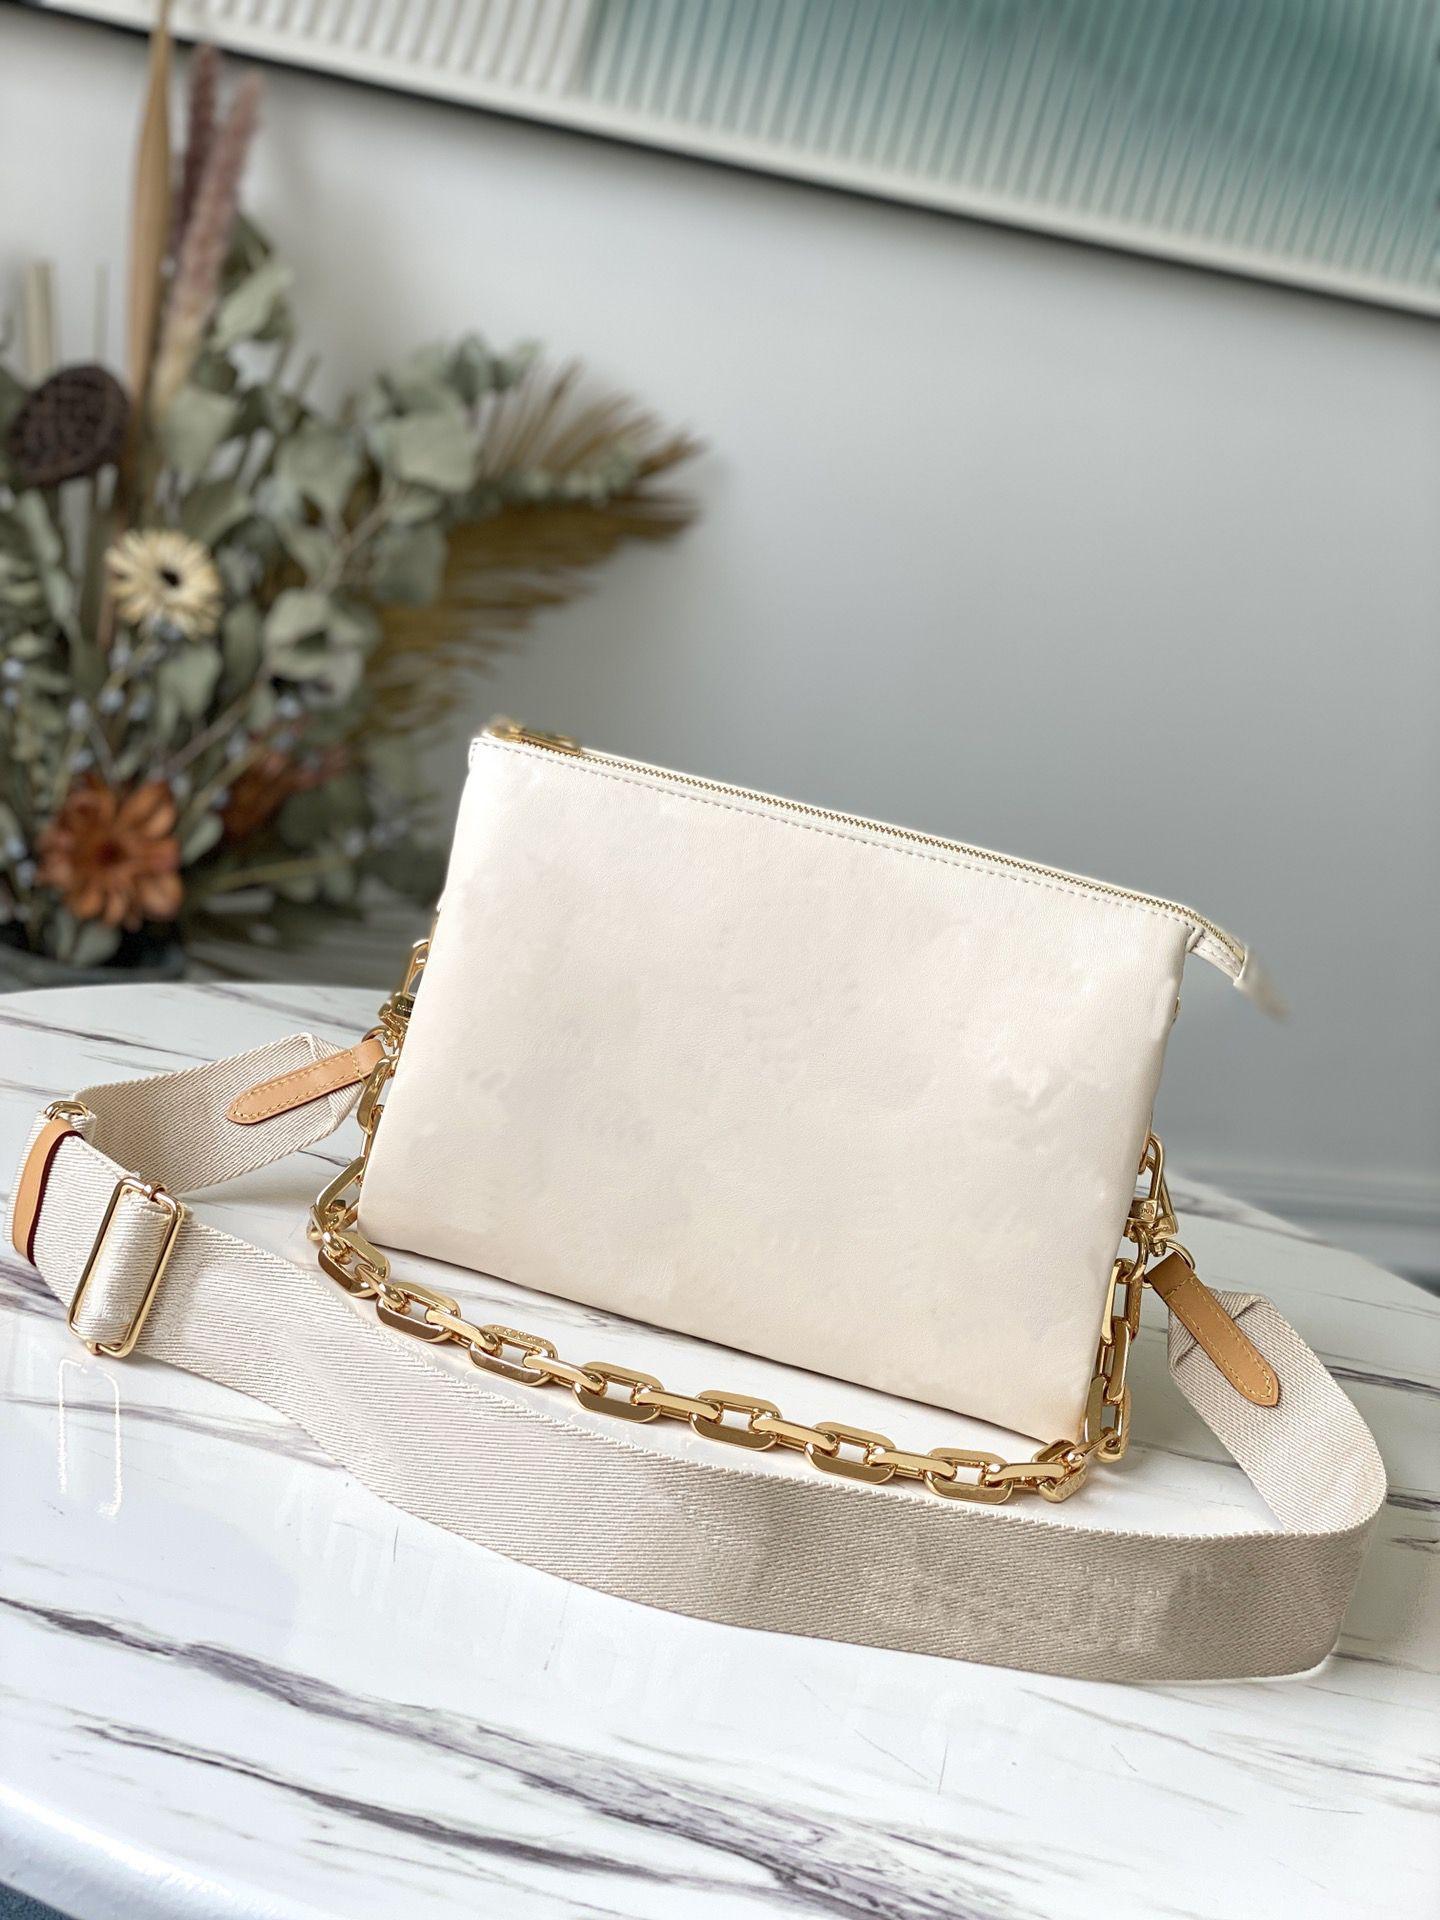 Primavera verão 2021 gravado saco de cadeia de couro inchado coussin pm bolsa de corpo de moda-frente sacos de ombro com a esteira superior qualidade bolsa carteira M57790 m57793